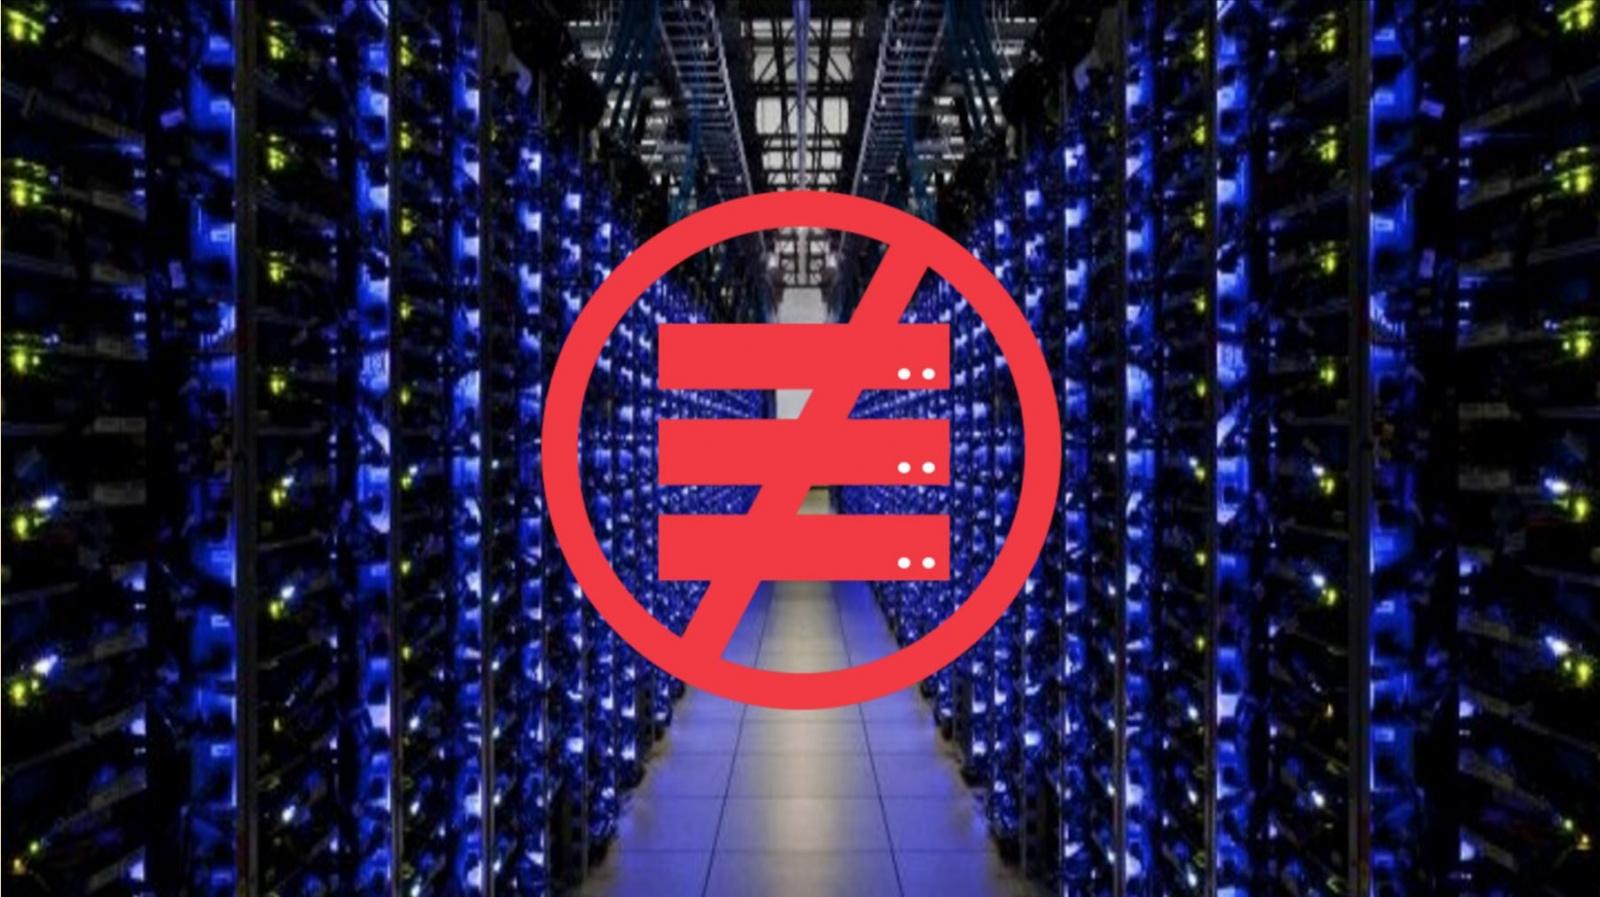 Beyond the clouds: что такое serverless и почему мы понимаем его неправильно? - 1